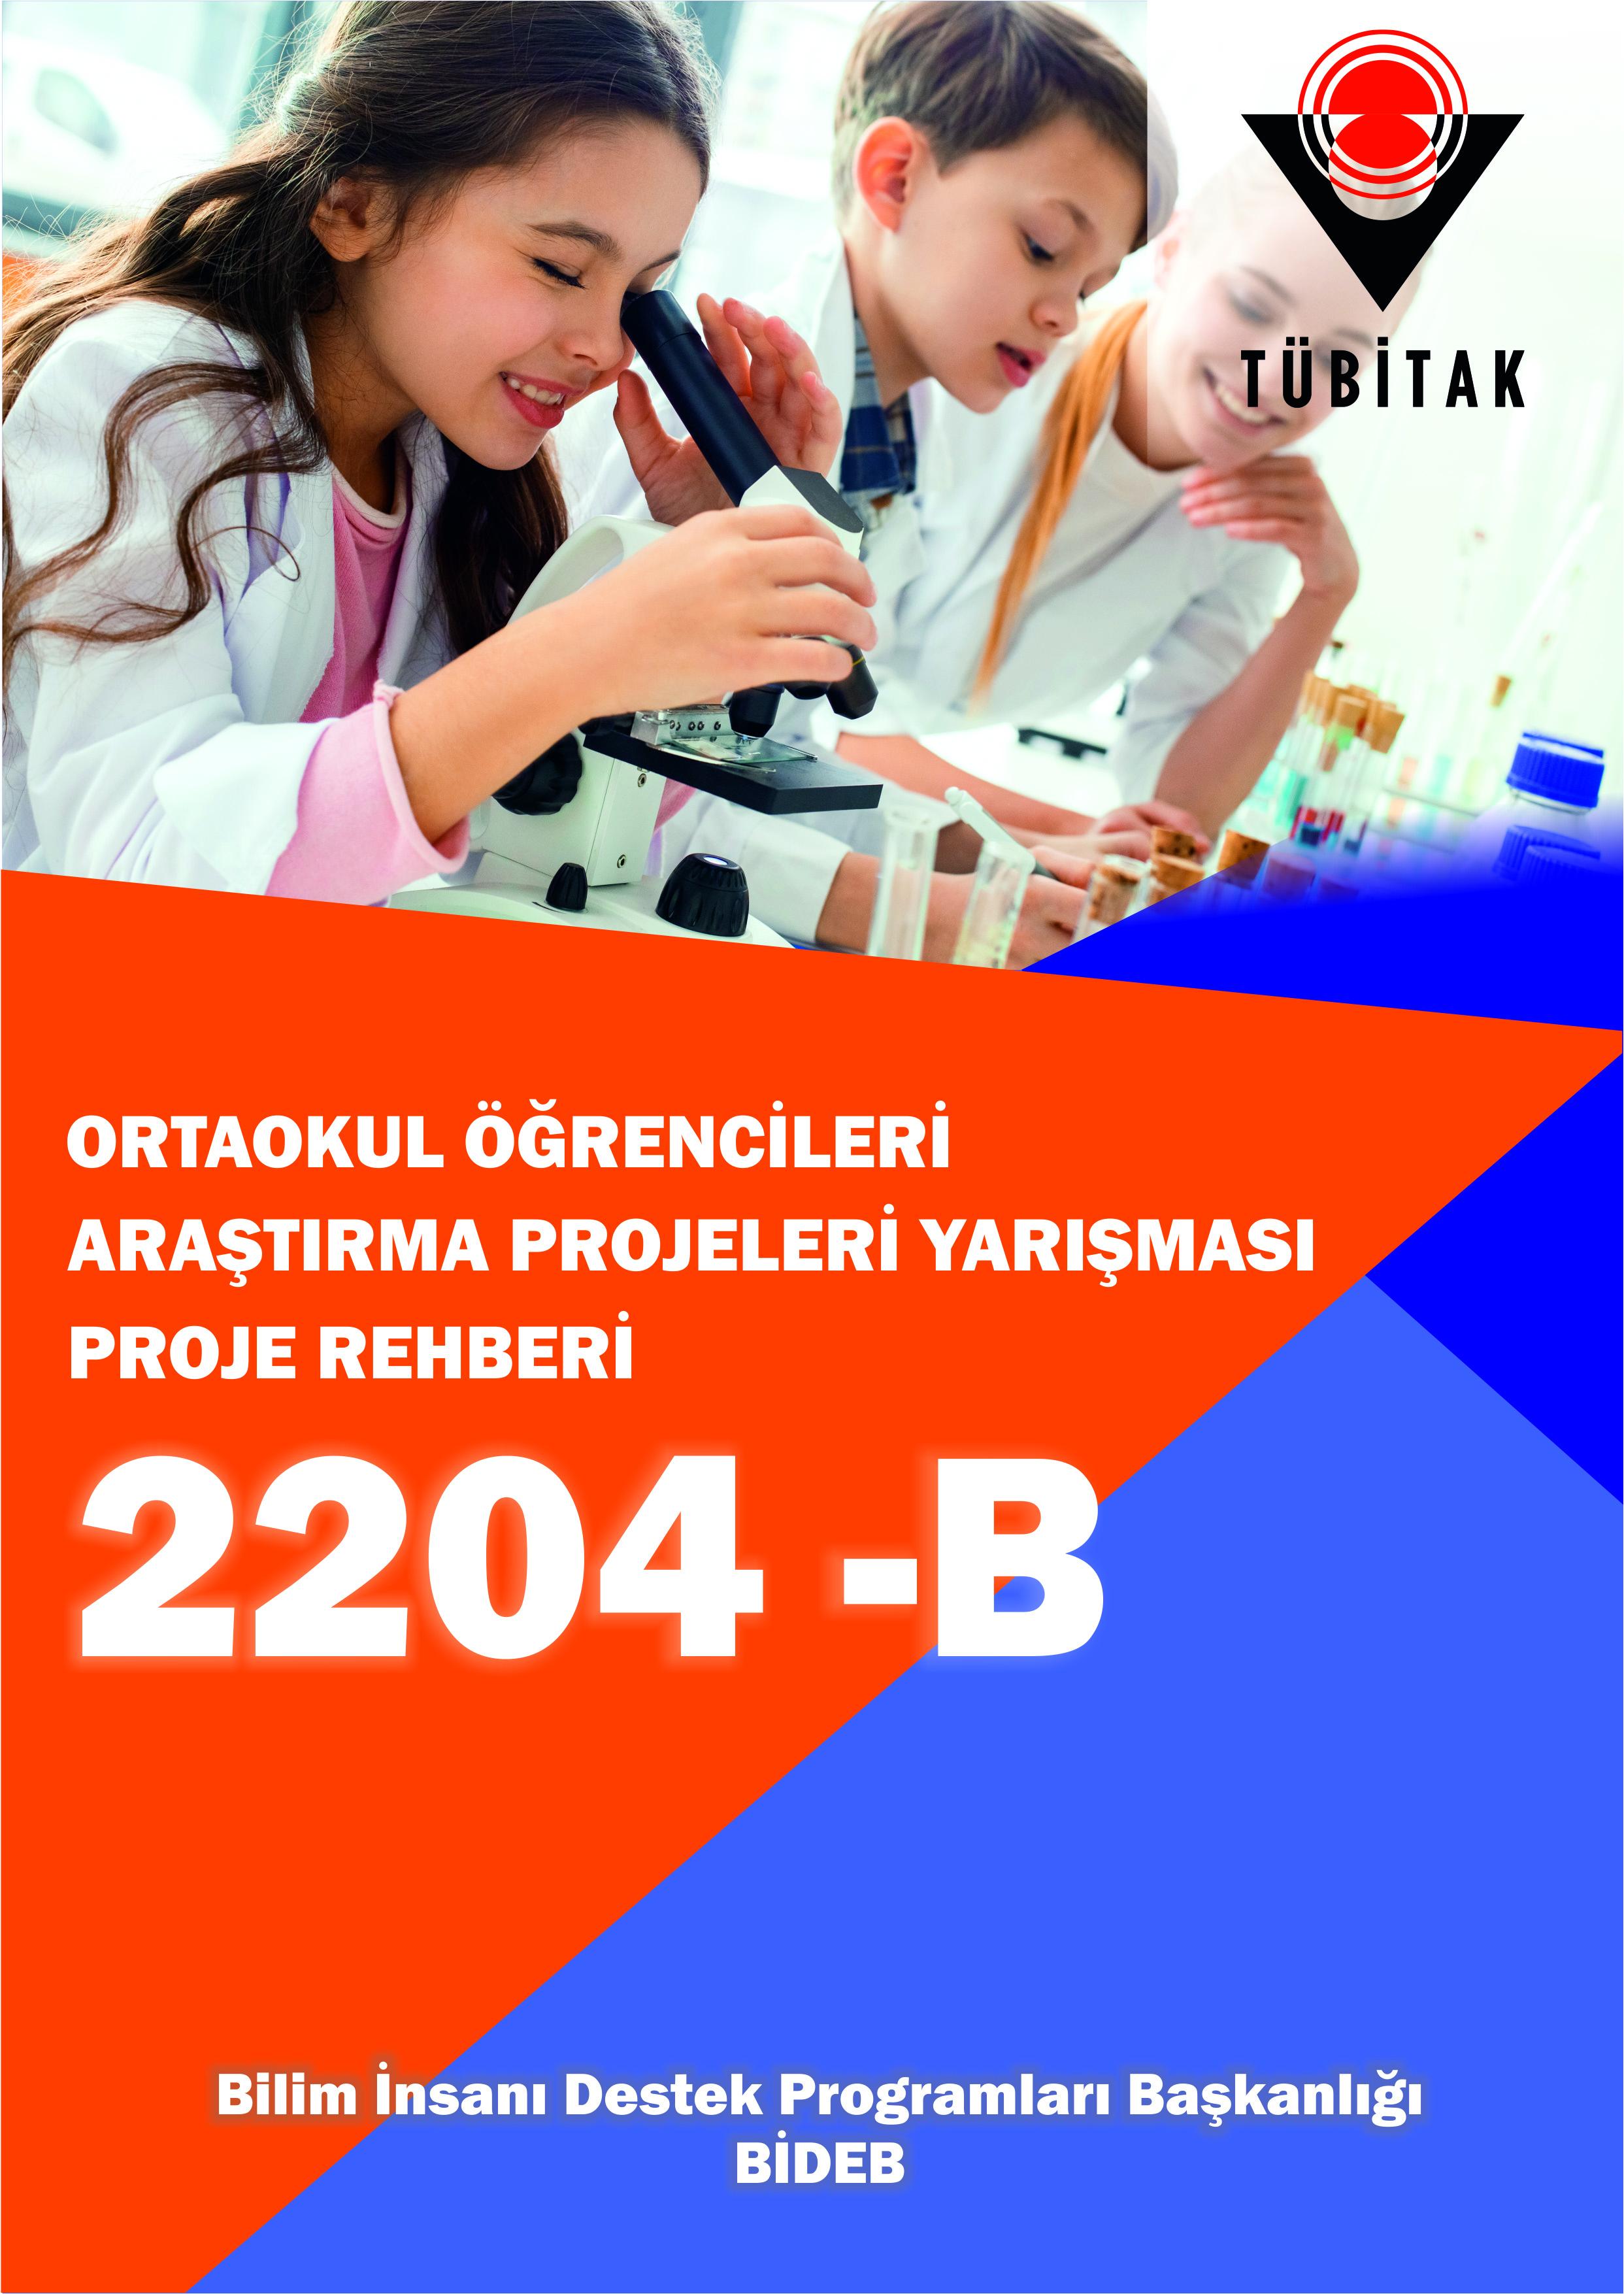 2204-B Ortaokul Öğrencileri Araştırma Projeleri Yarışması Proje Rehberi